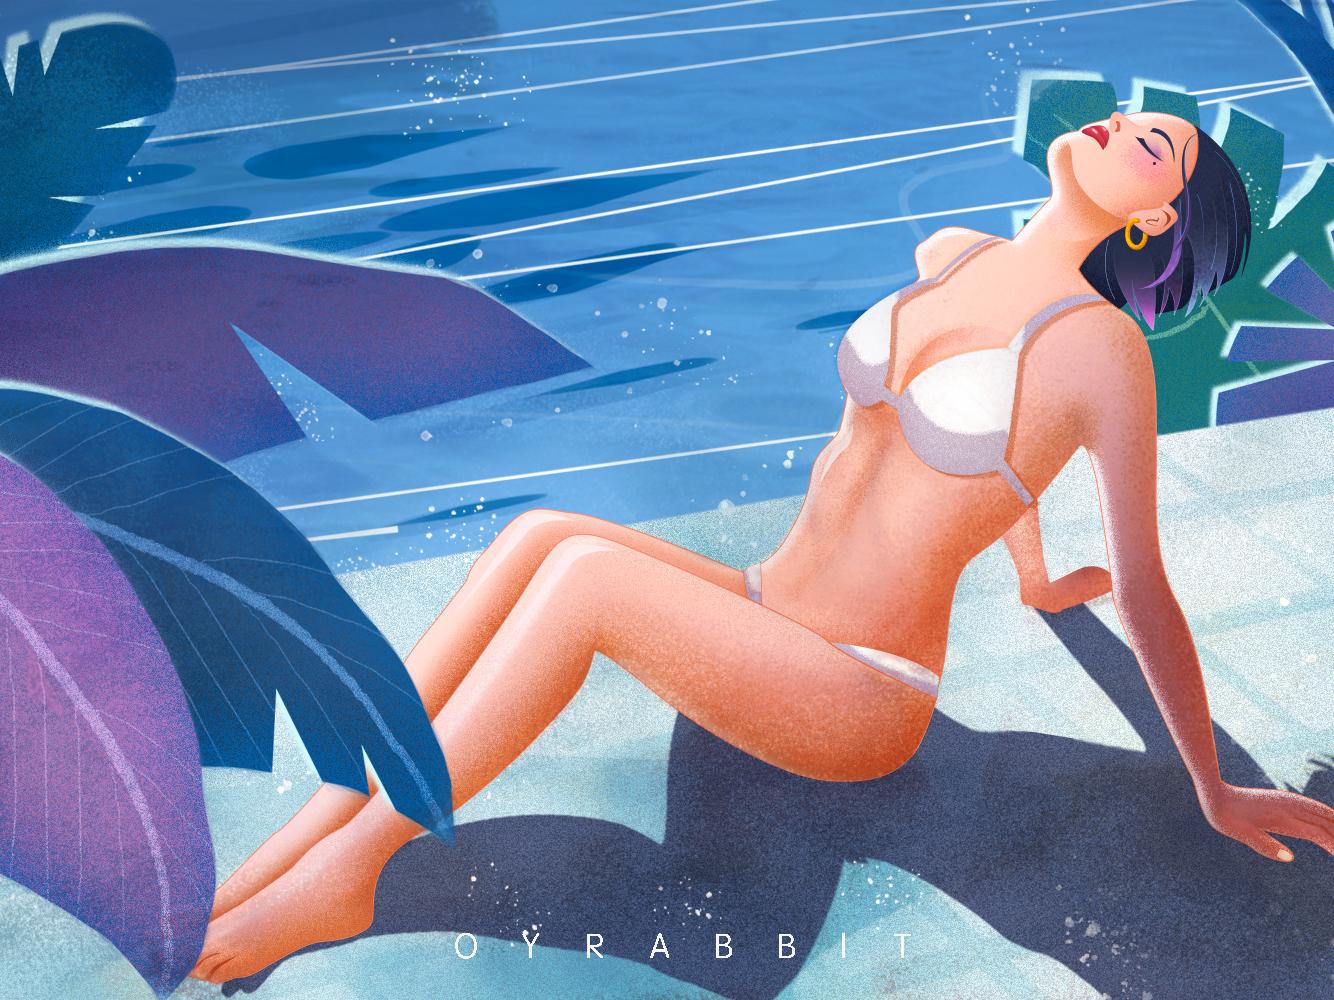 泳装小姐姐1 photoshop illustration